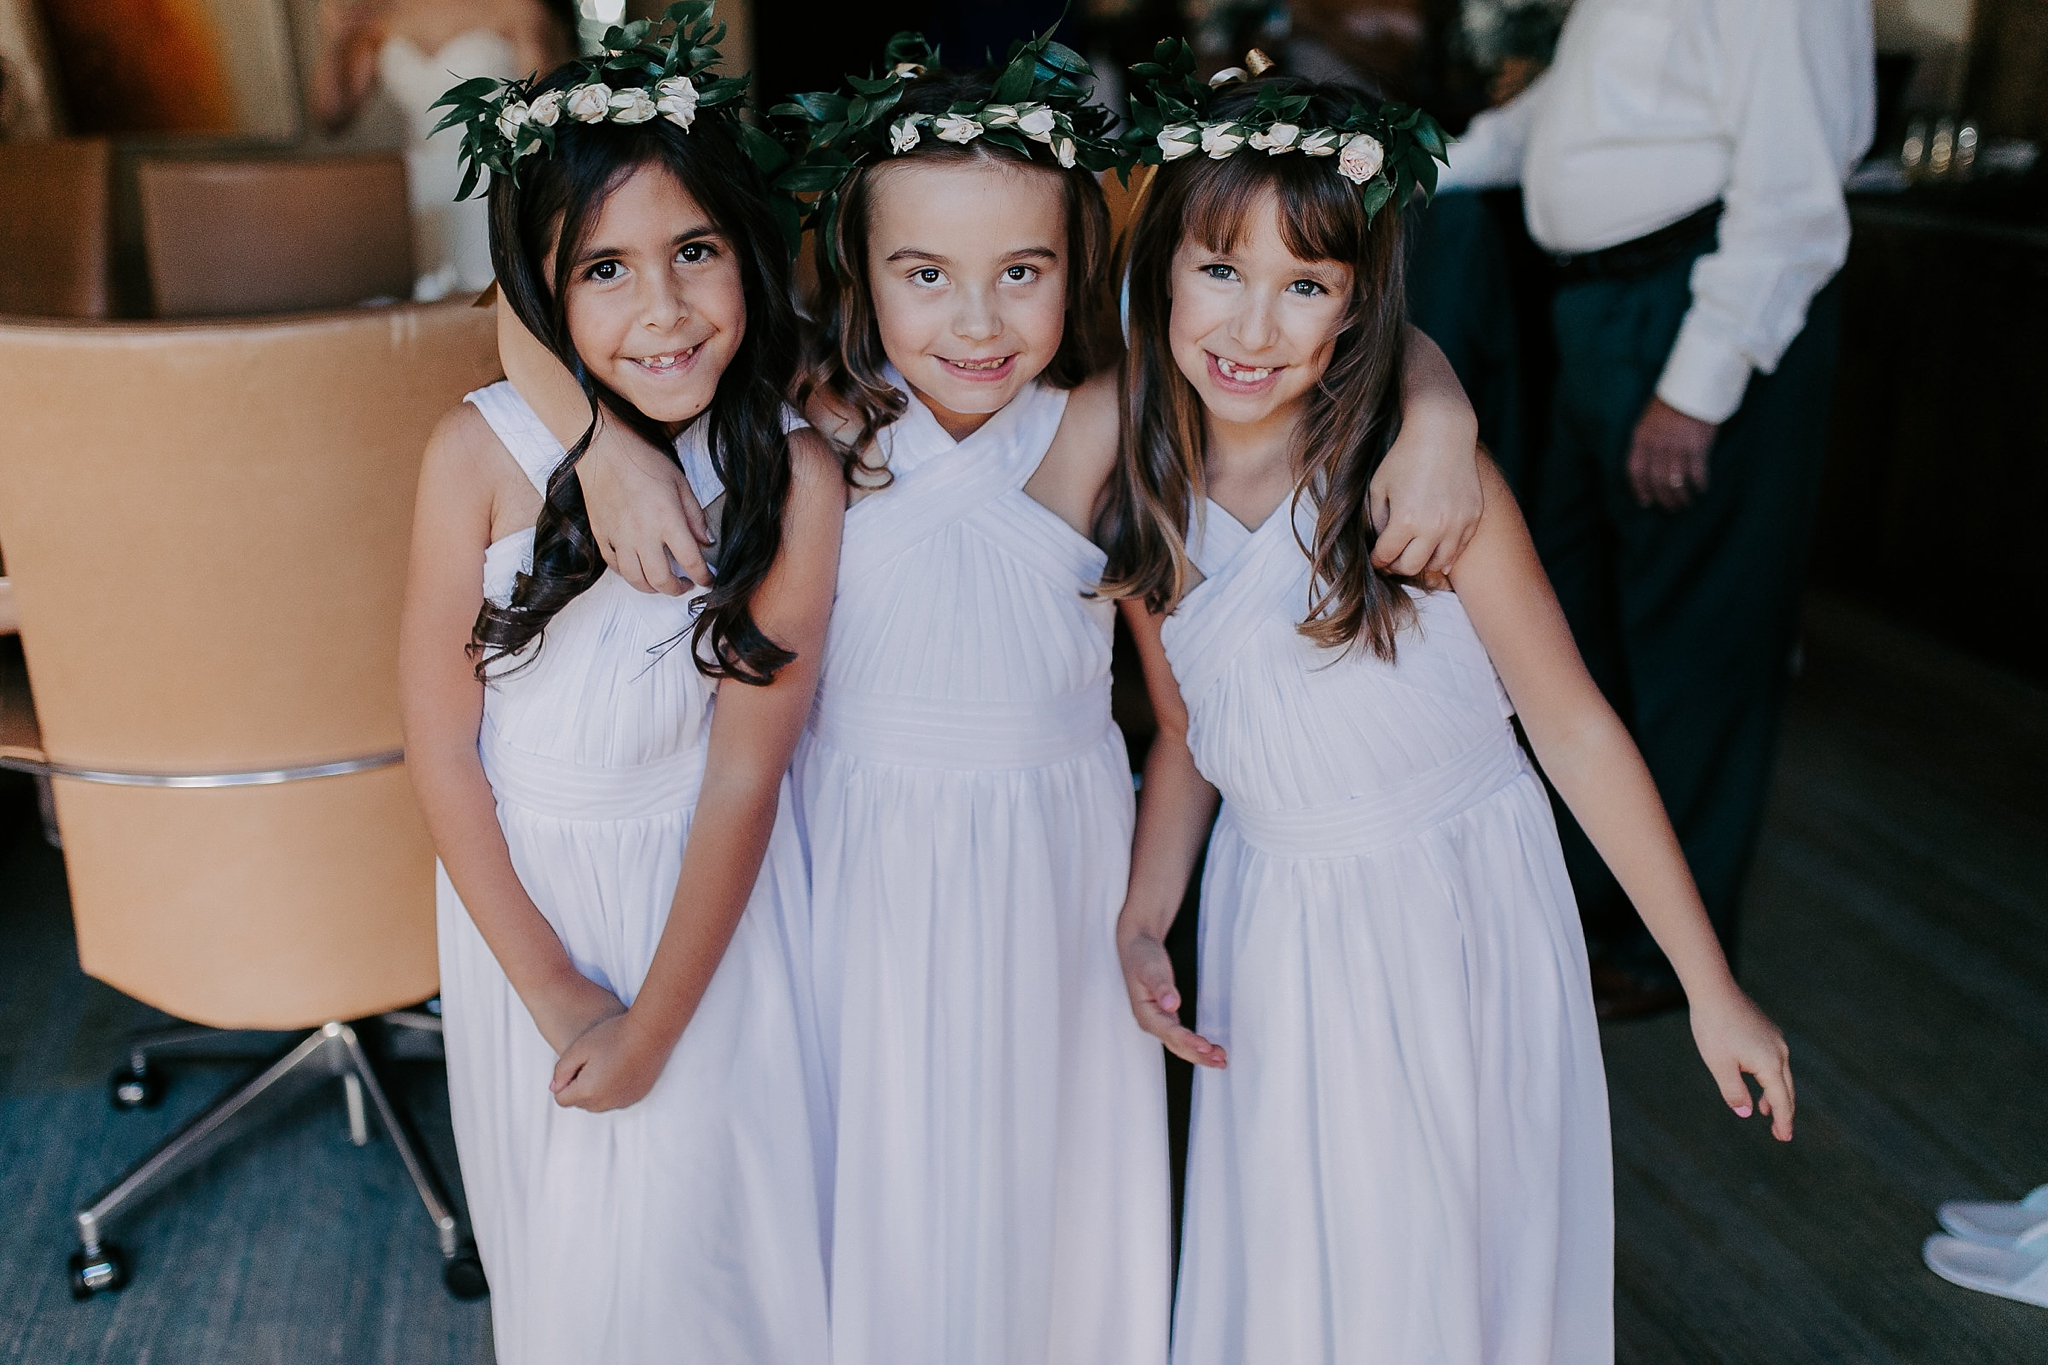 Alicia+lucia+photography+-+albuquerque+wedding+photographer+-+santa+fe+wedding+photography+-+new+mexico+wedding+photographer+-+new+mexico+wedding+-+flower+girl+-+wedding+flower+girl_0066.jpg